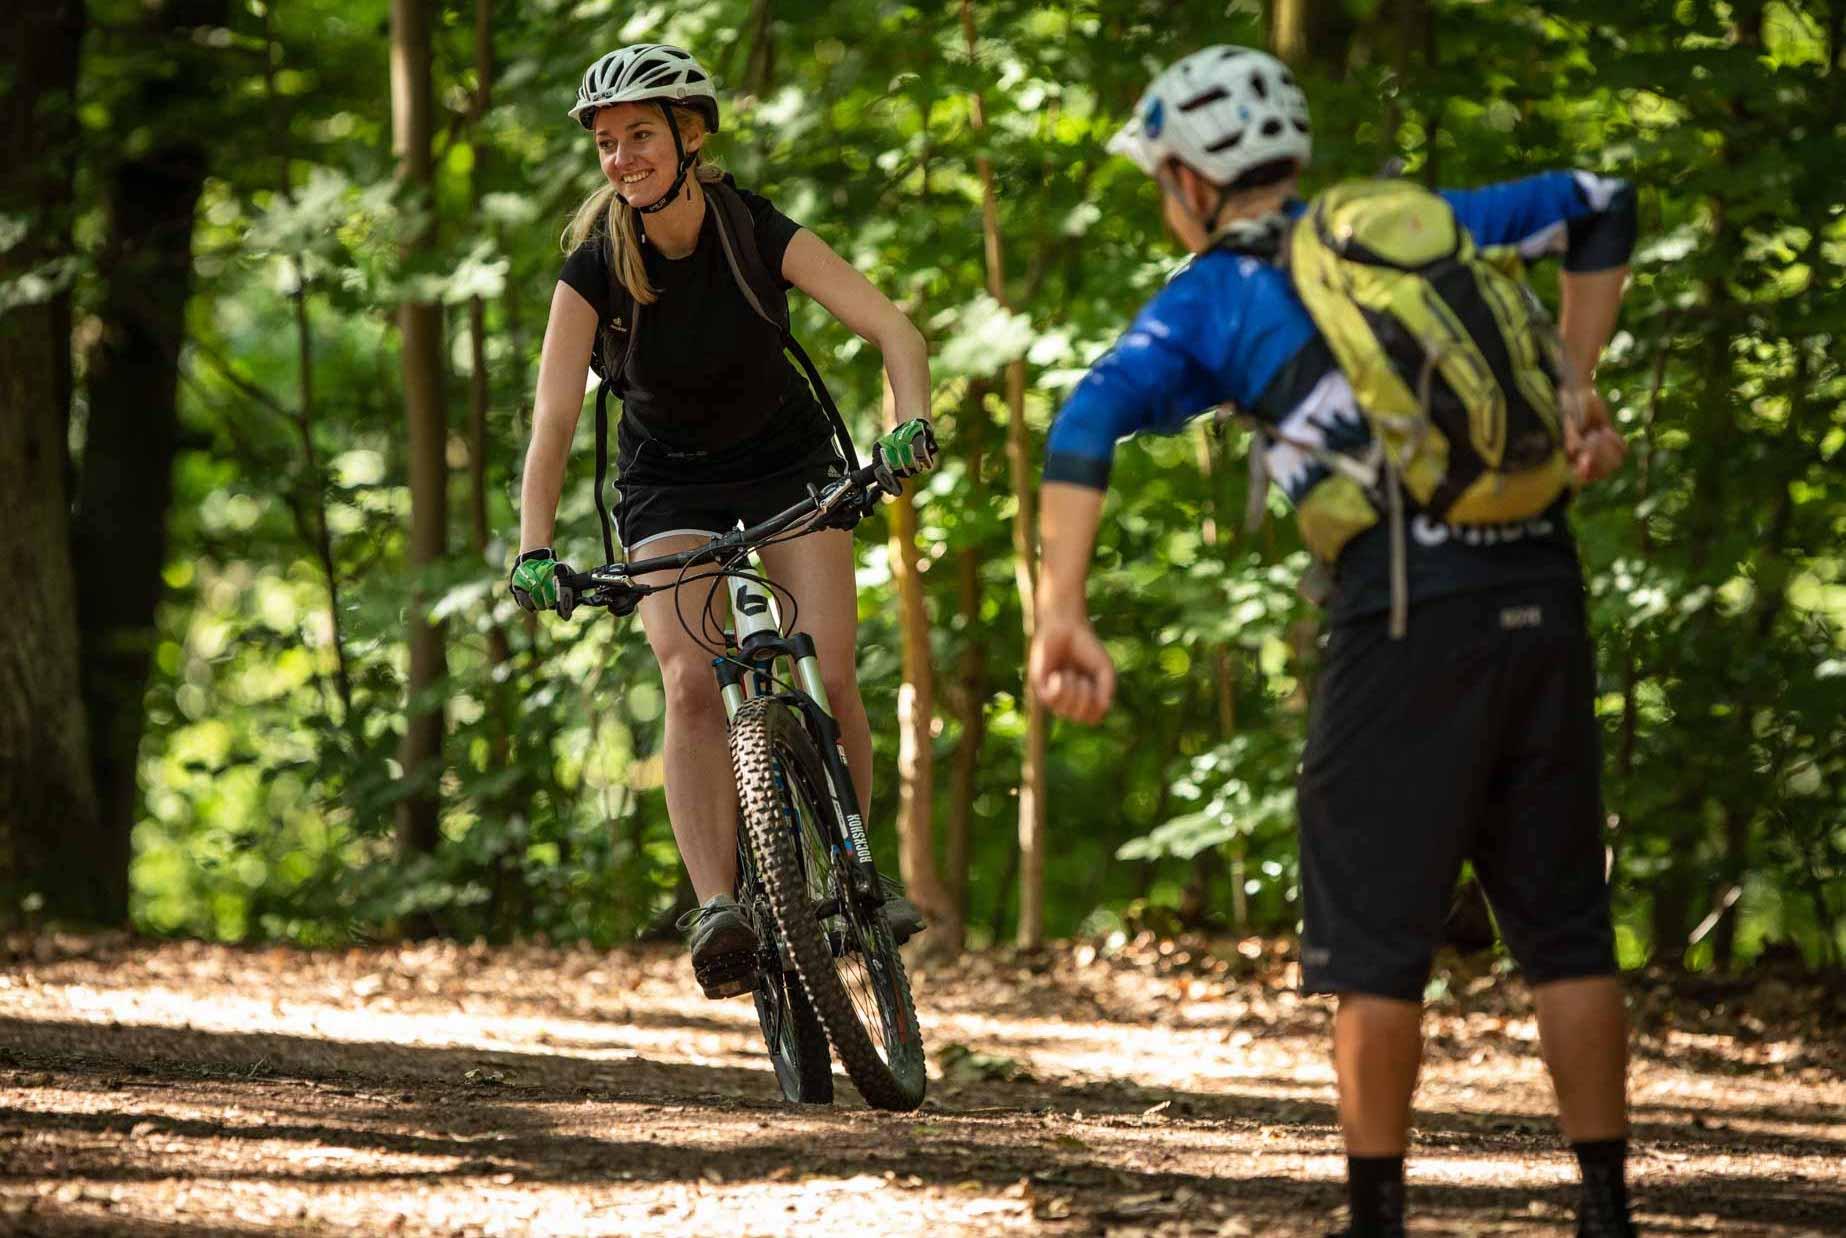 MTB Fahrtechnik Kurs für Einsteiger in Witten - Ruhrgebiet - Mountainbike Basic Ruhrgebit Trail Anfänger - Rock my Trail Bikeschule GmbH - 19